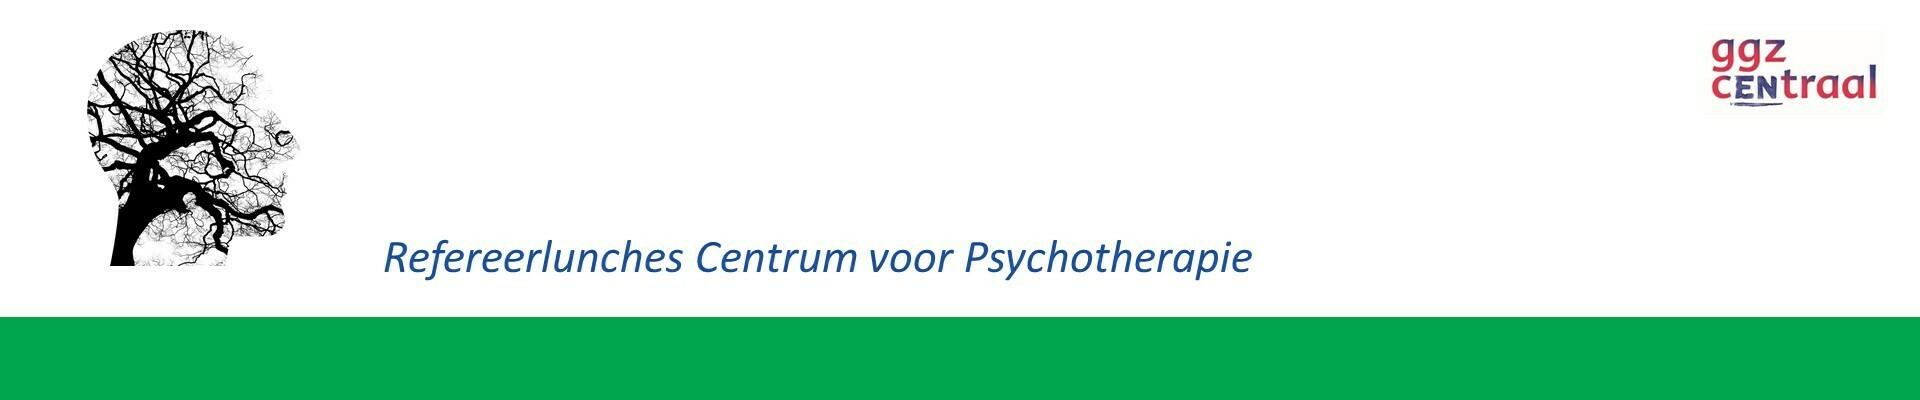 Refereerlunch Centrum voor Psychotherapie 13 januari